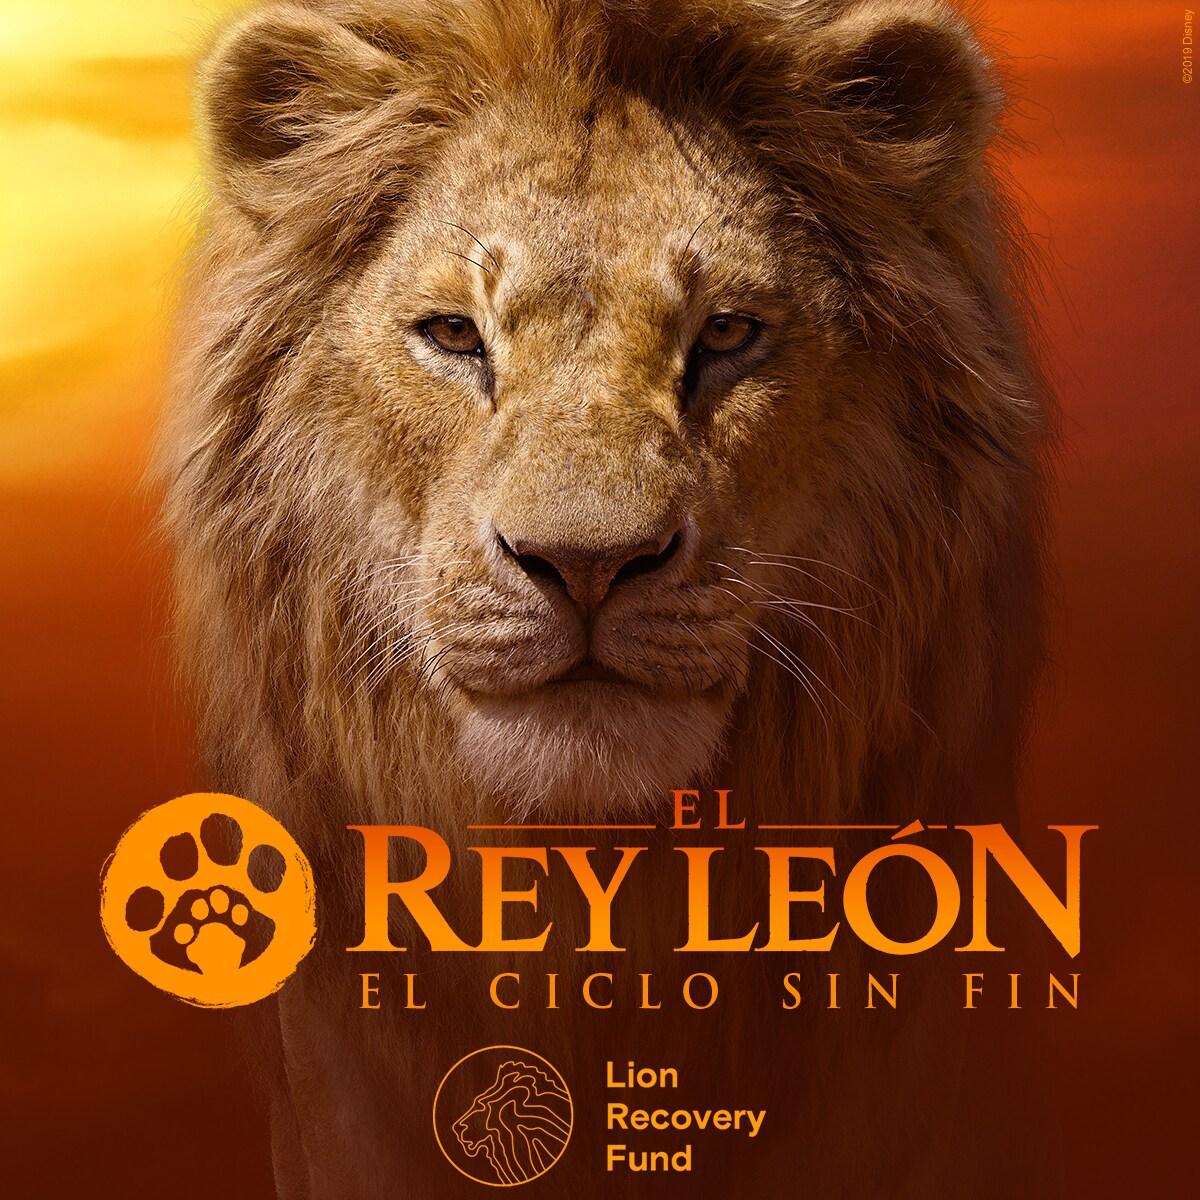 Disney invita a fans a participar de la campaña solidaria #ElCicloSinFin para celebrar el estreno de El Rey León